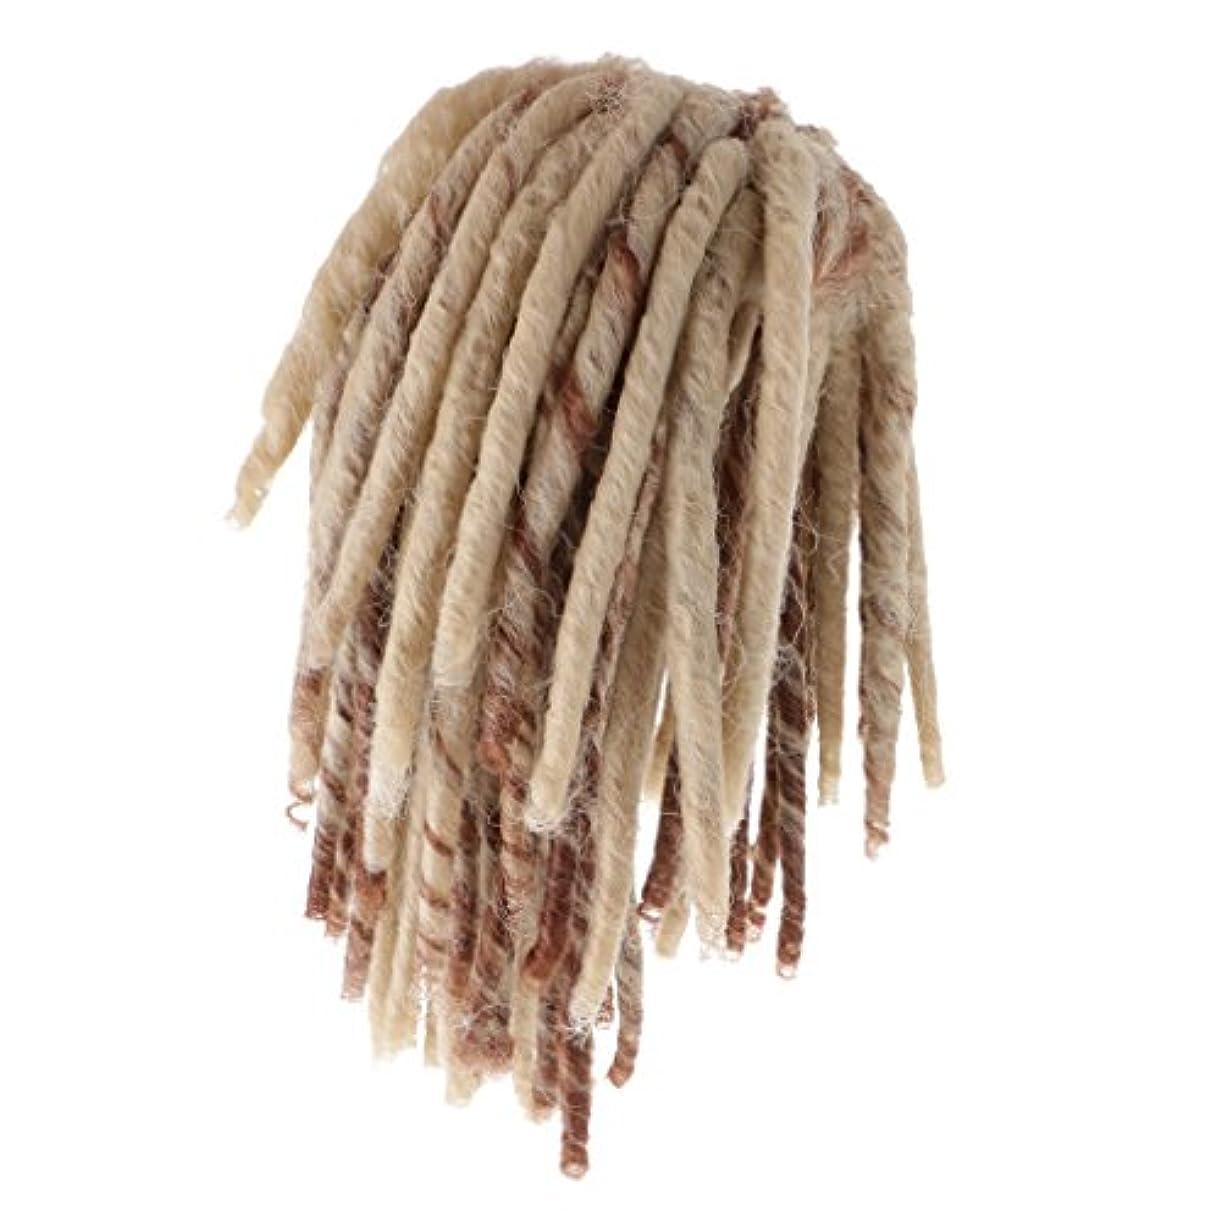 ドライウール承知しましたDovewill 人形用ウィッグ  ドレッドかつら  カーリー かつら  髪 ヘア 18インチドール用  DIY修理用品  全2色  - ブラウン